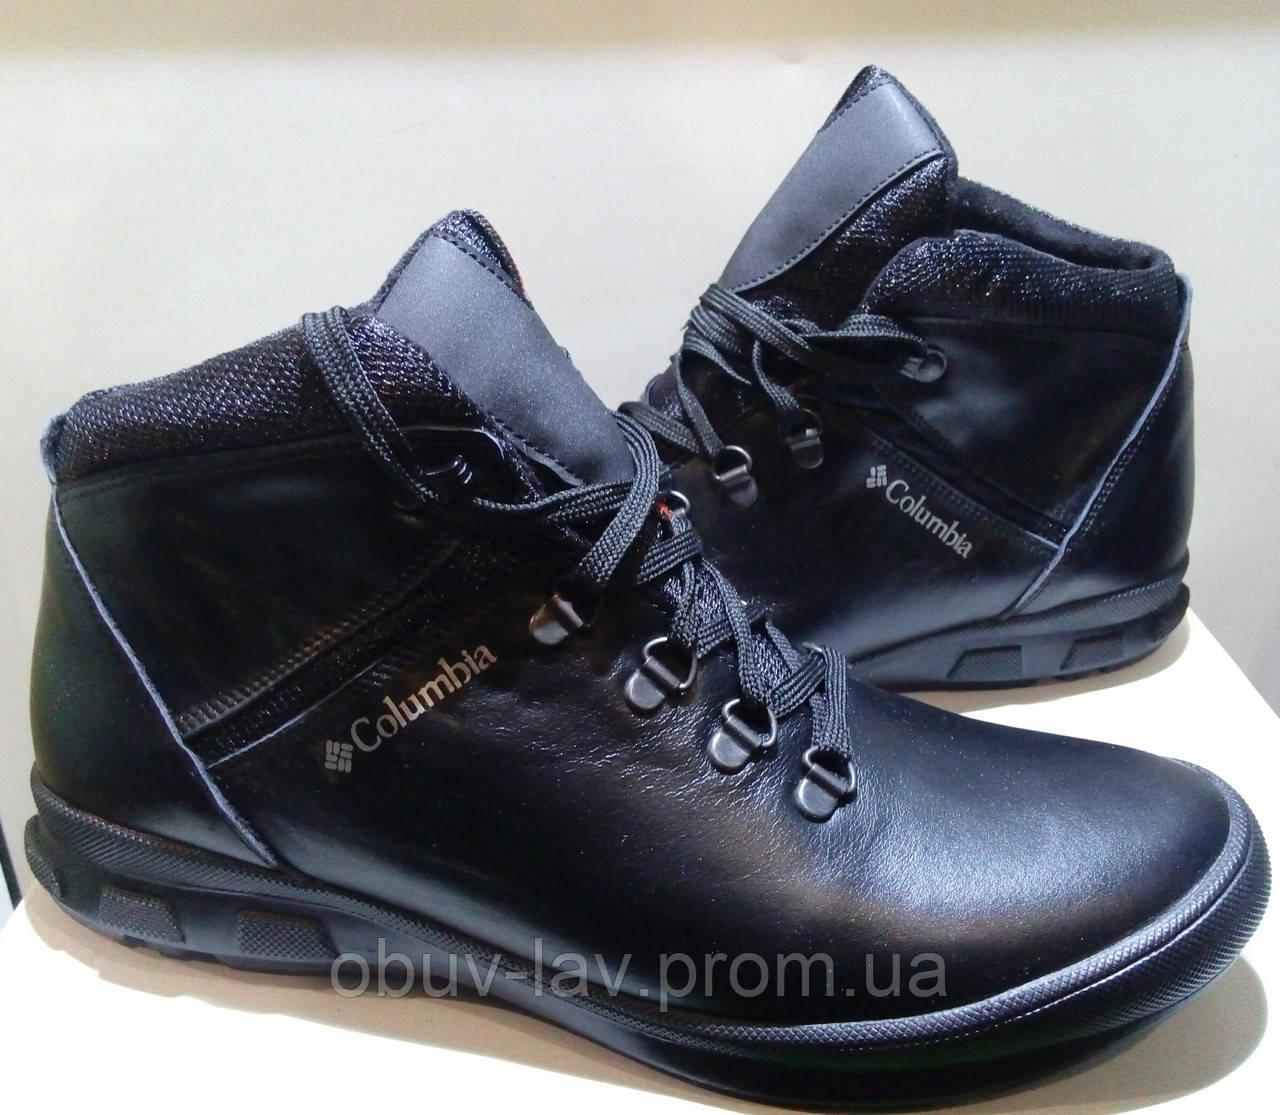 904965f10 Мужские зимние кожаные ботинки columbia - Интернет-магазин спортивной обуви